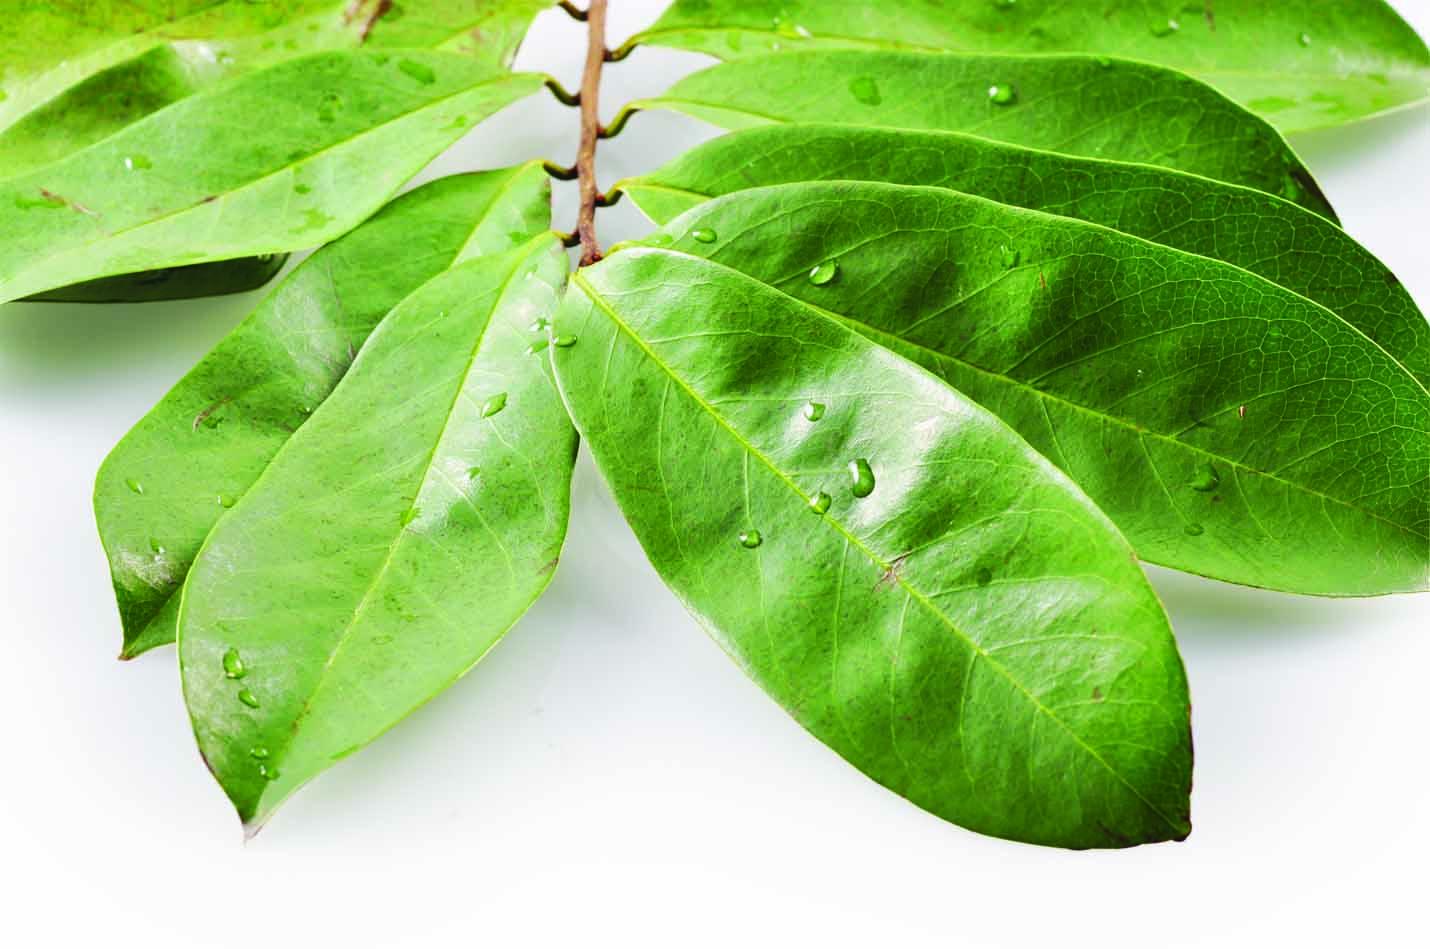 Tanaman Obat Tradisional Kanker Payudara Daun Sirsak